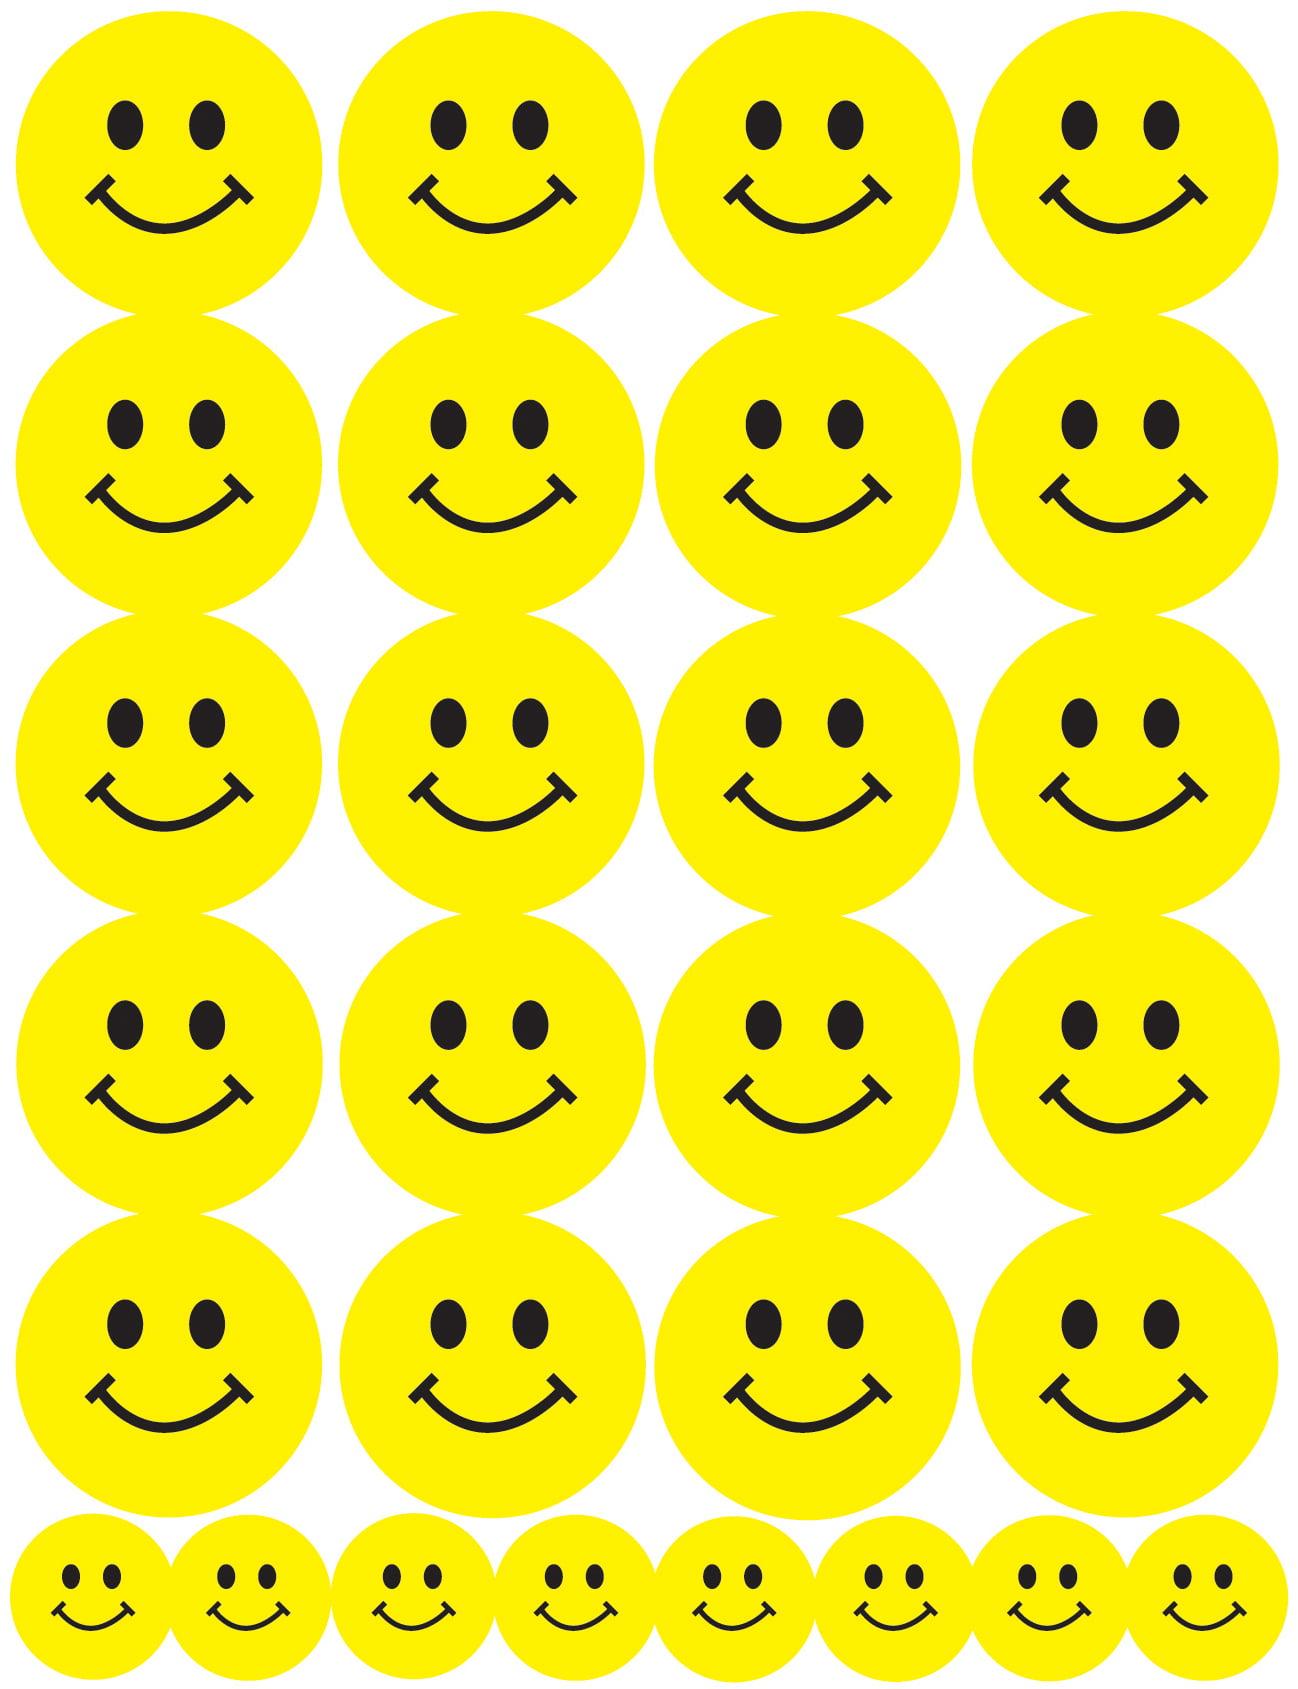 Sticker Forms 3 Sheets/Pkg-Smiley Faces - Walmart.com